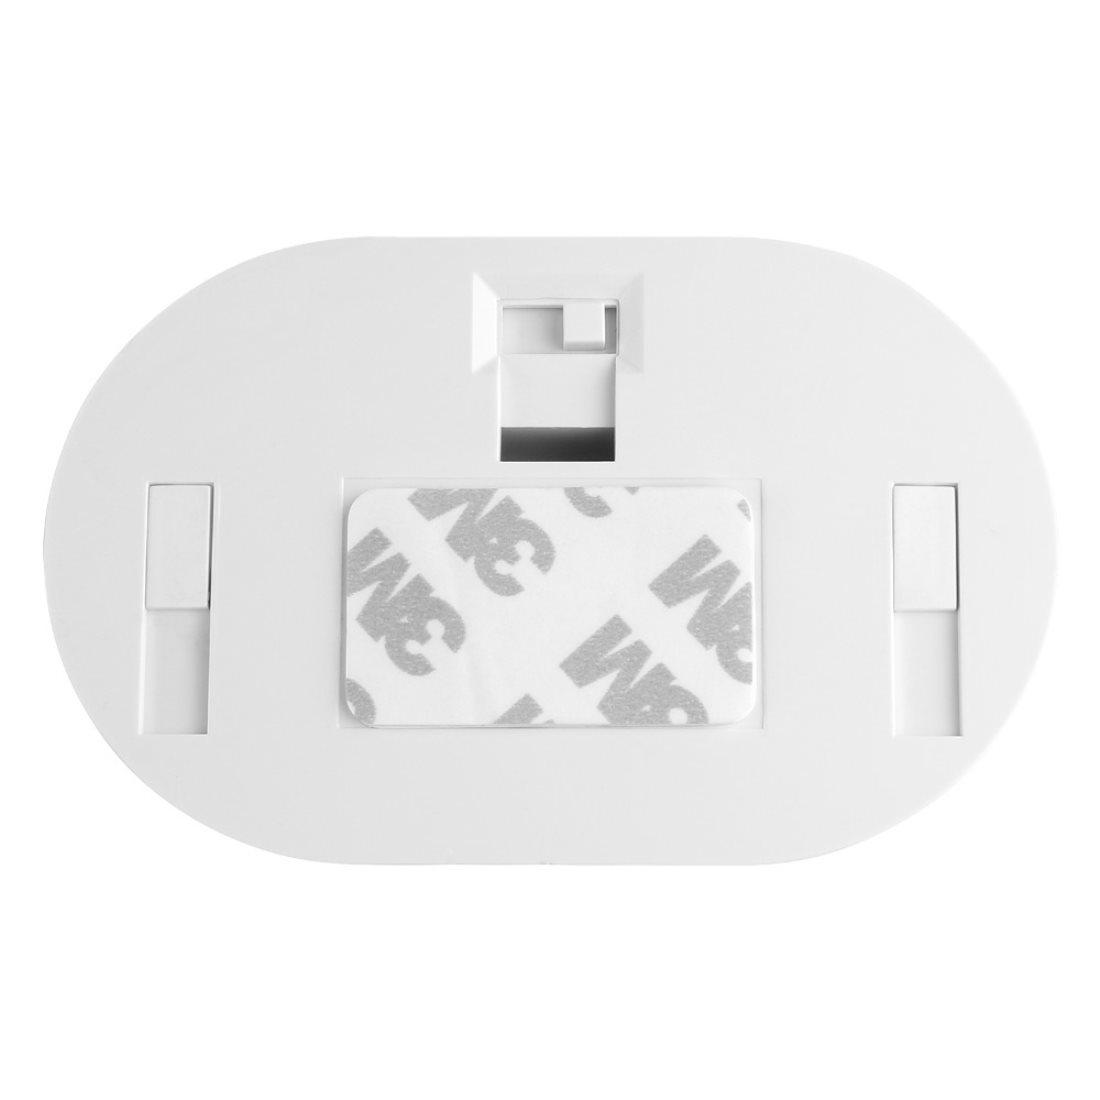 TrÃ¥dlös LED-lampa med rörelsesensor pÃ¥ Tradera.com - Lampor | Hem & : lampa med rörelsevakt : Inredning